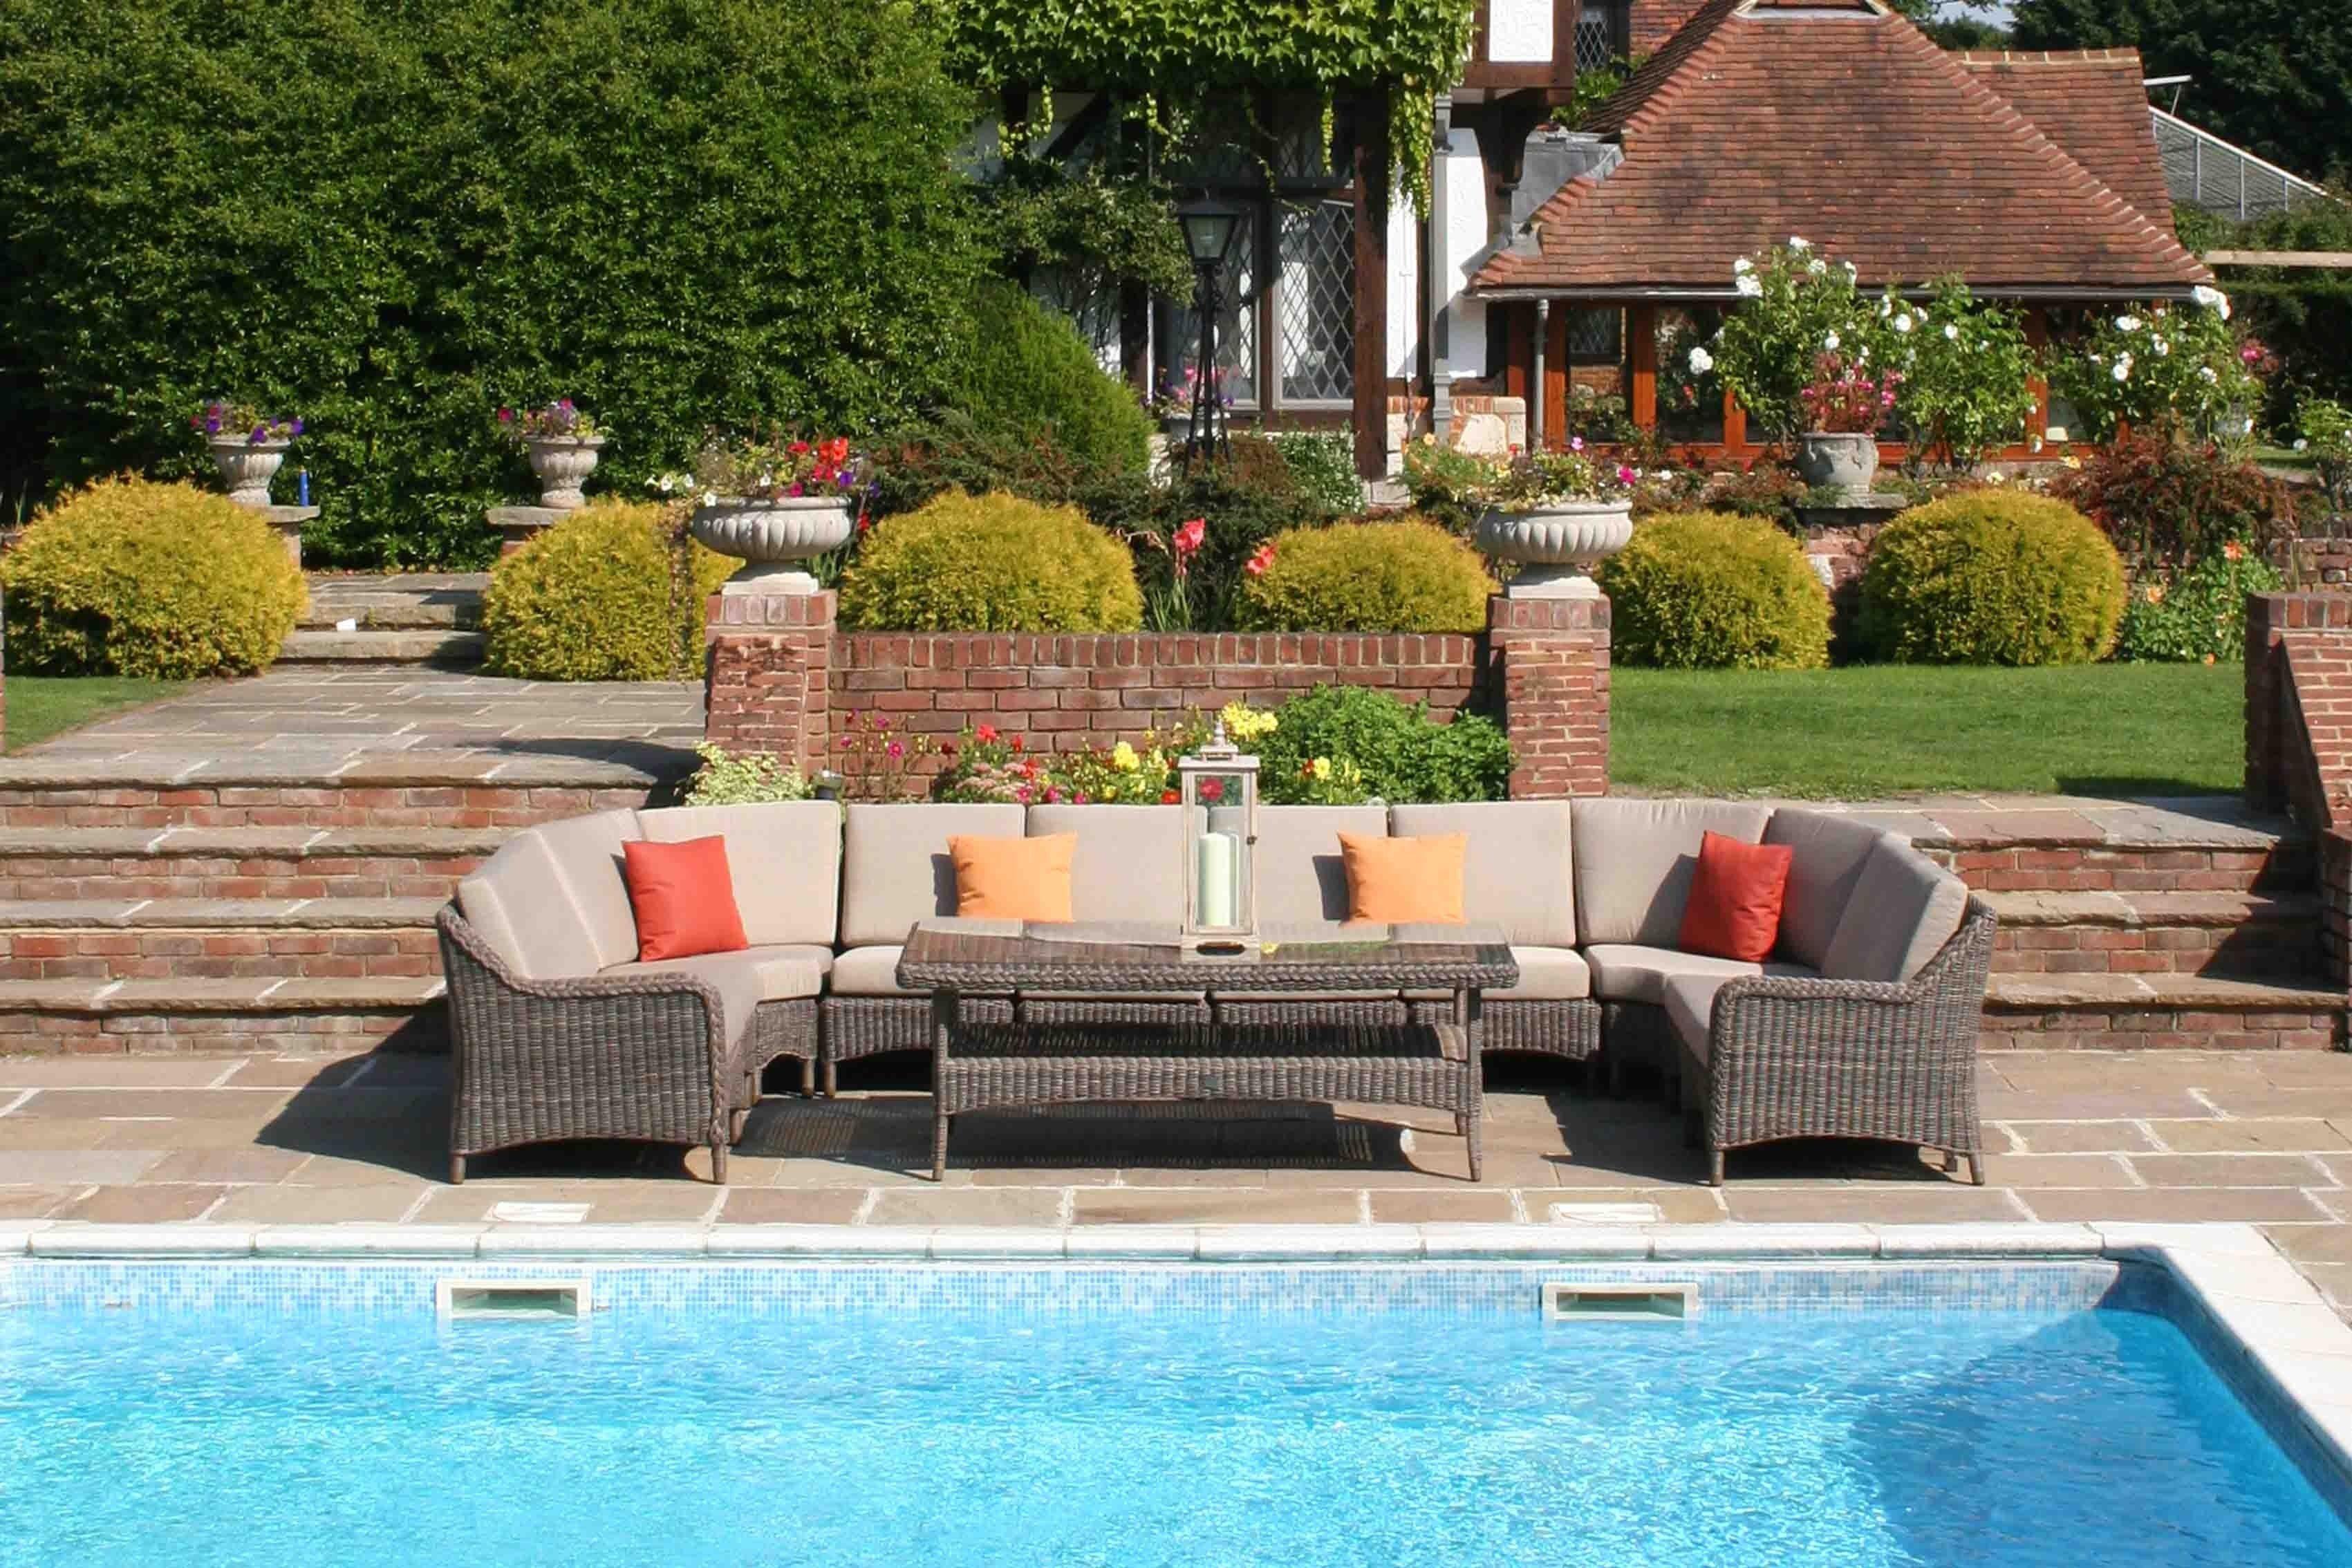 Photo of Marlow Modular Sofa Set A